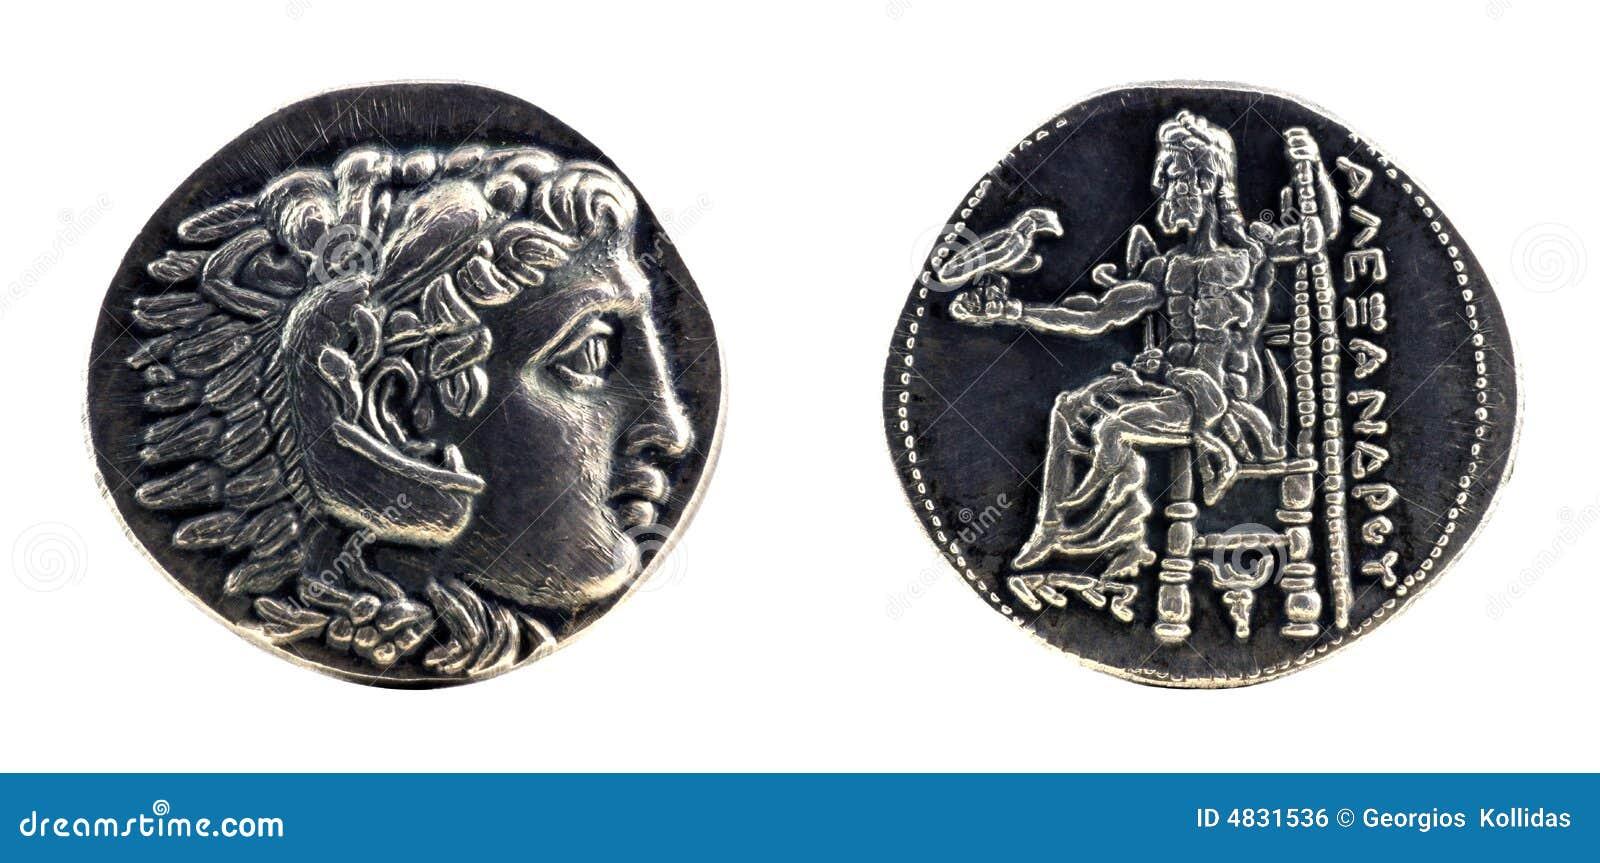 Griechisches silbernes tetradrachm von Alexander der Große